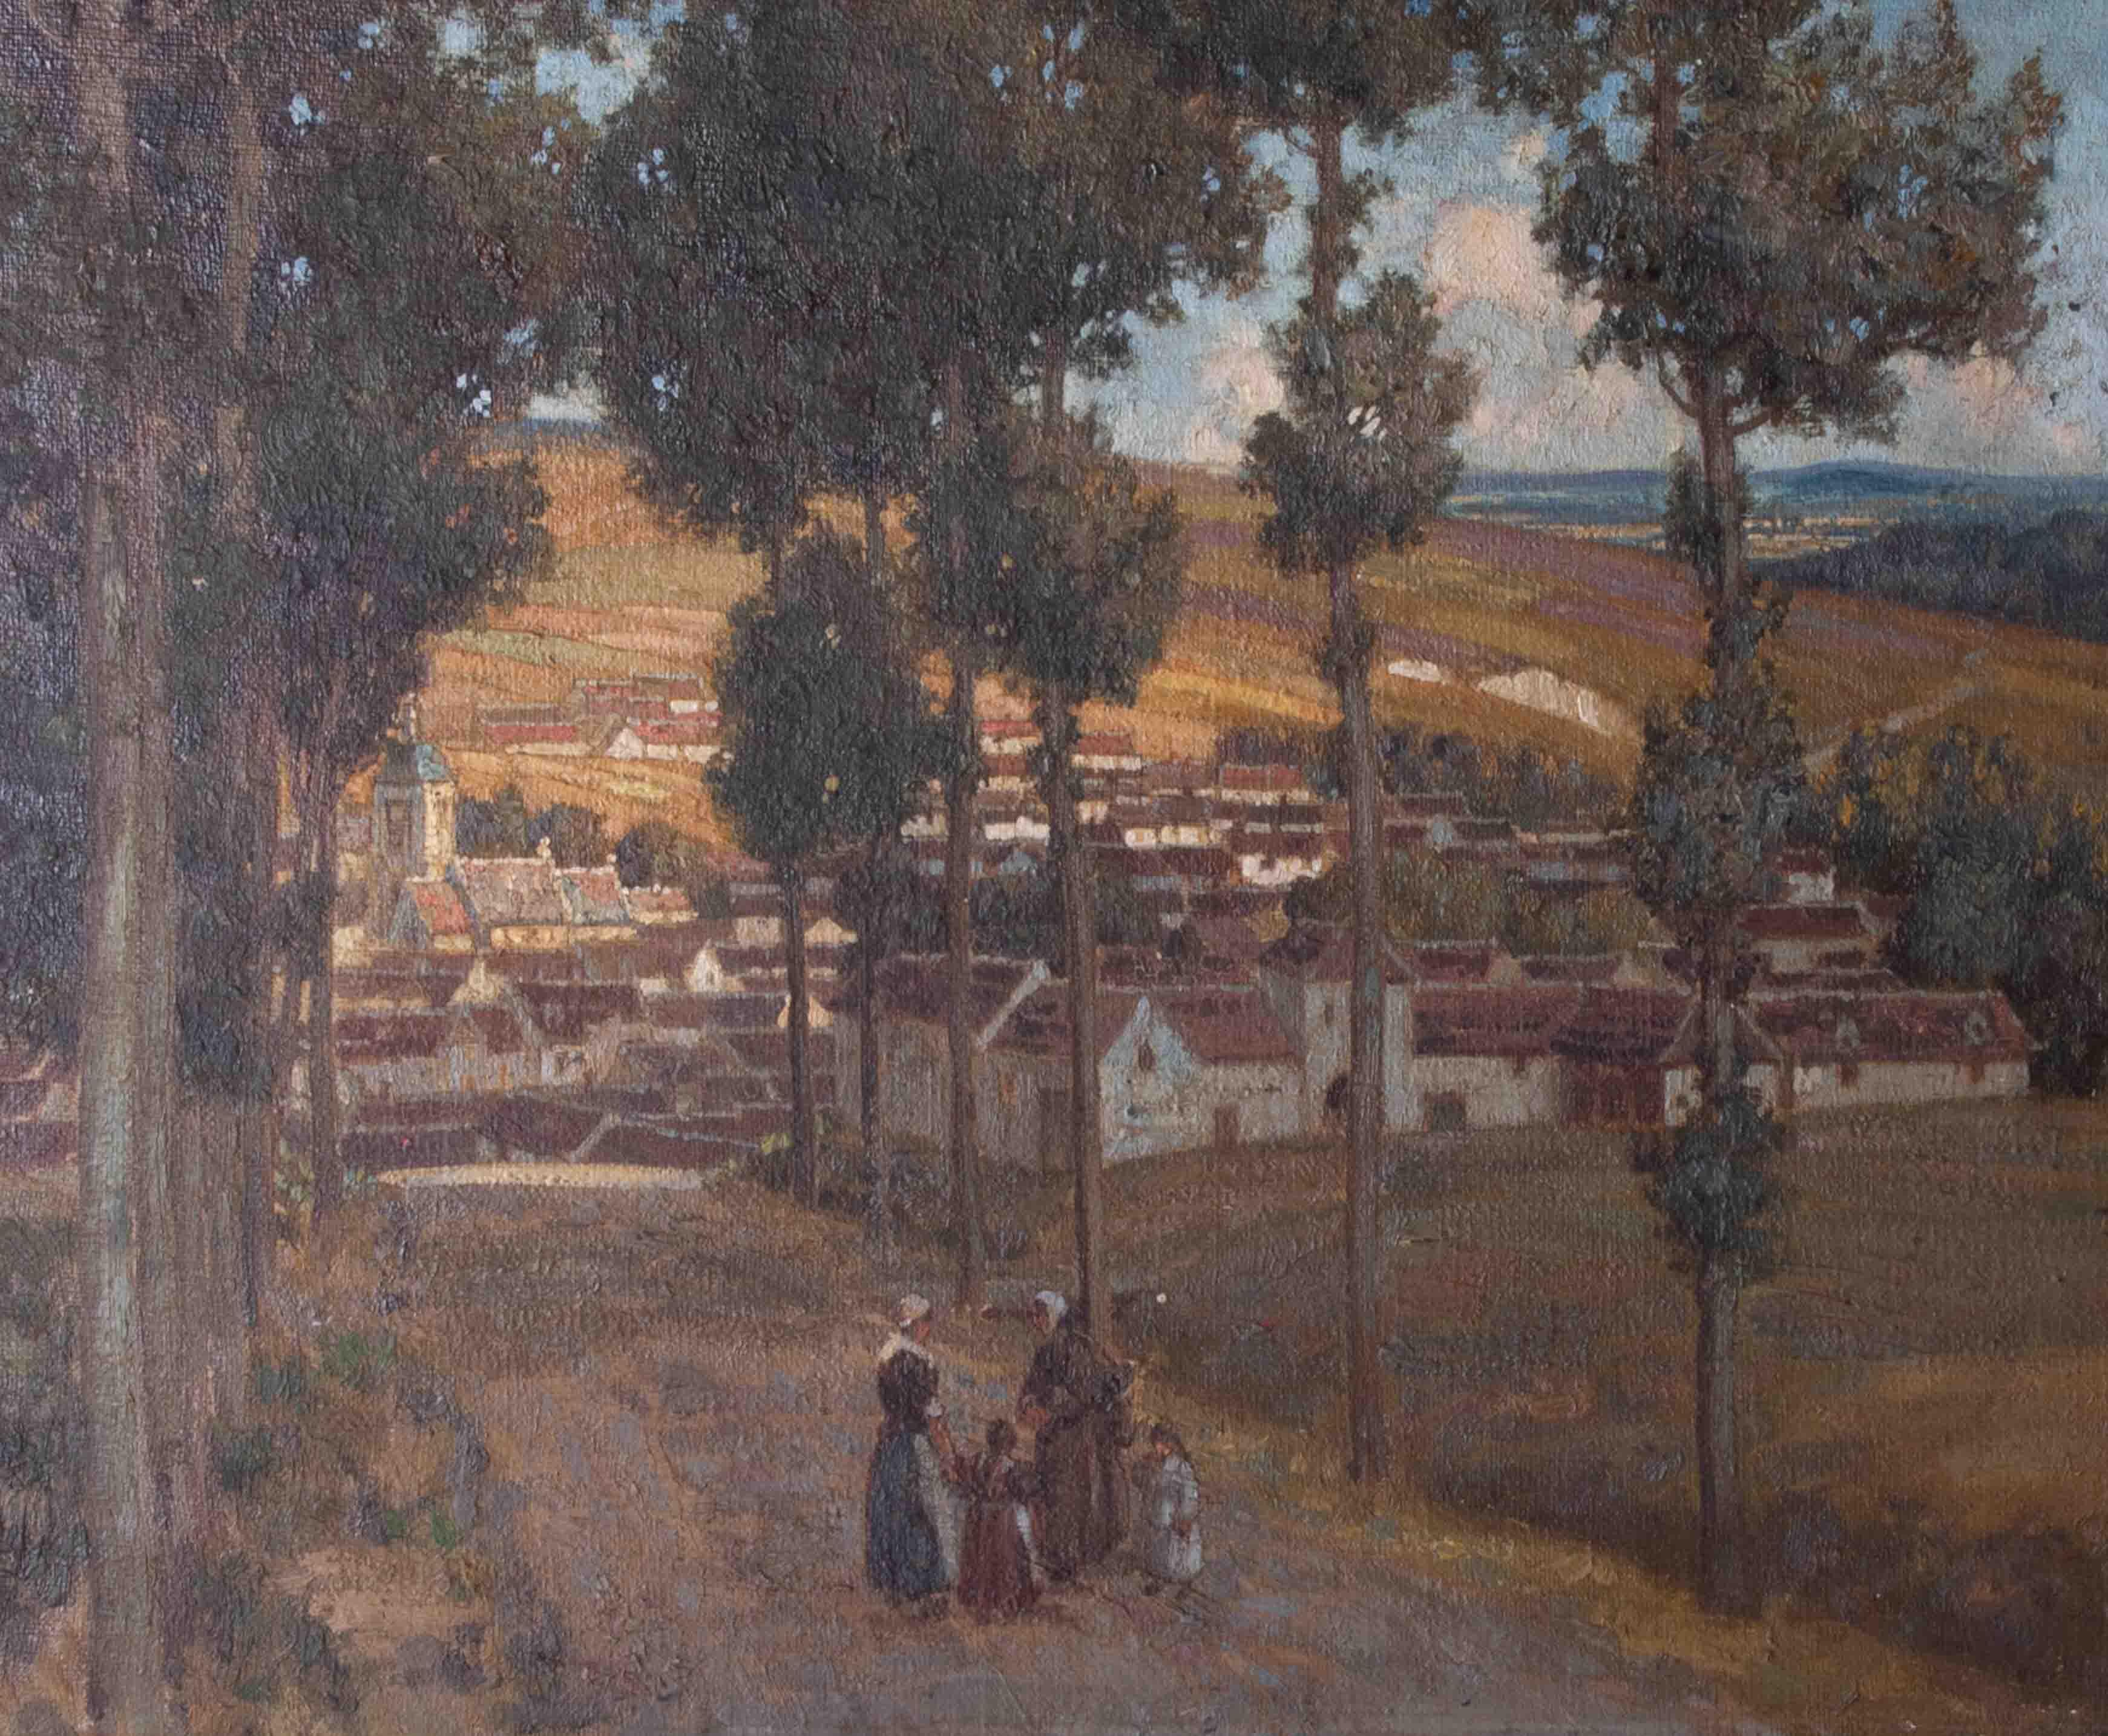 Unsigned oil on board 'Village', 36cm x 44cm, framed. - Image 2 of 2